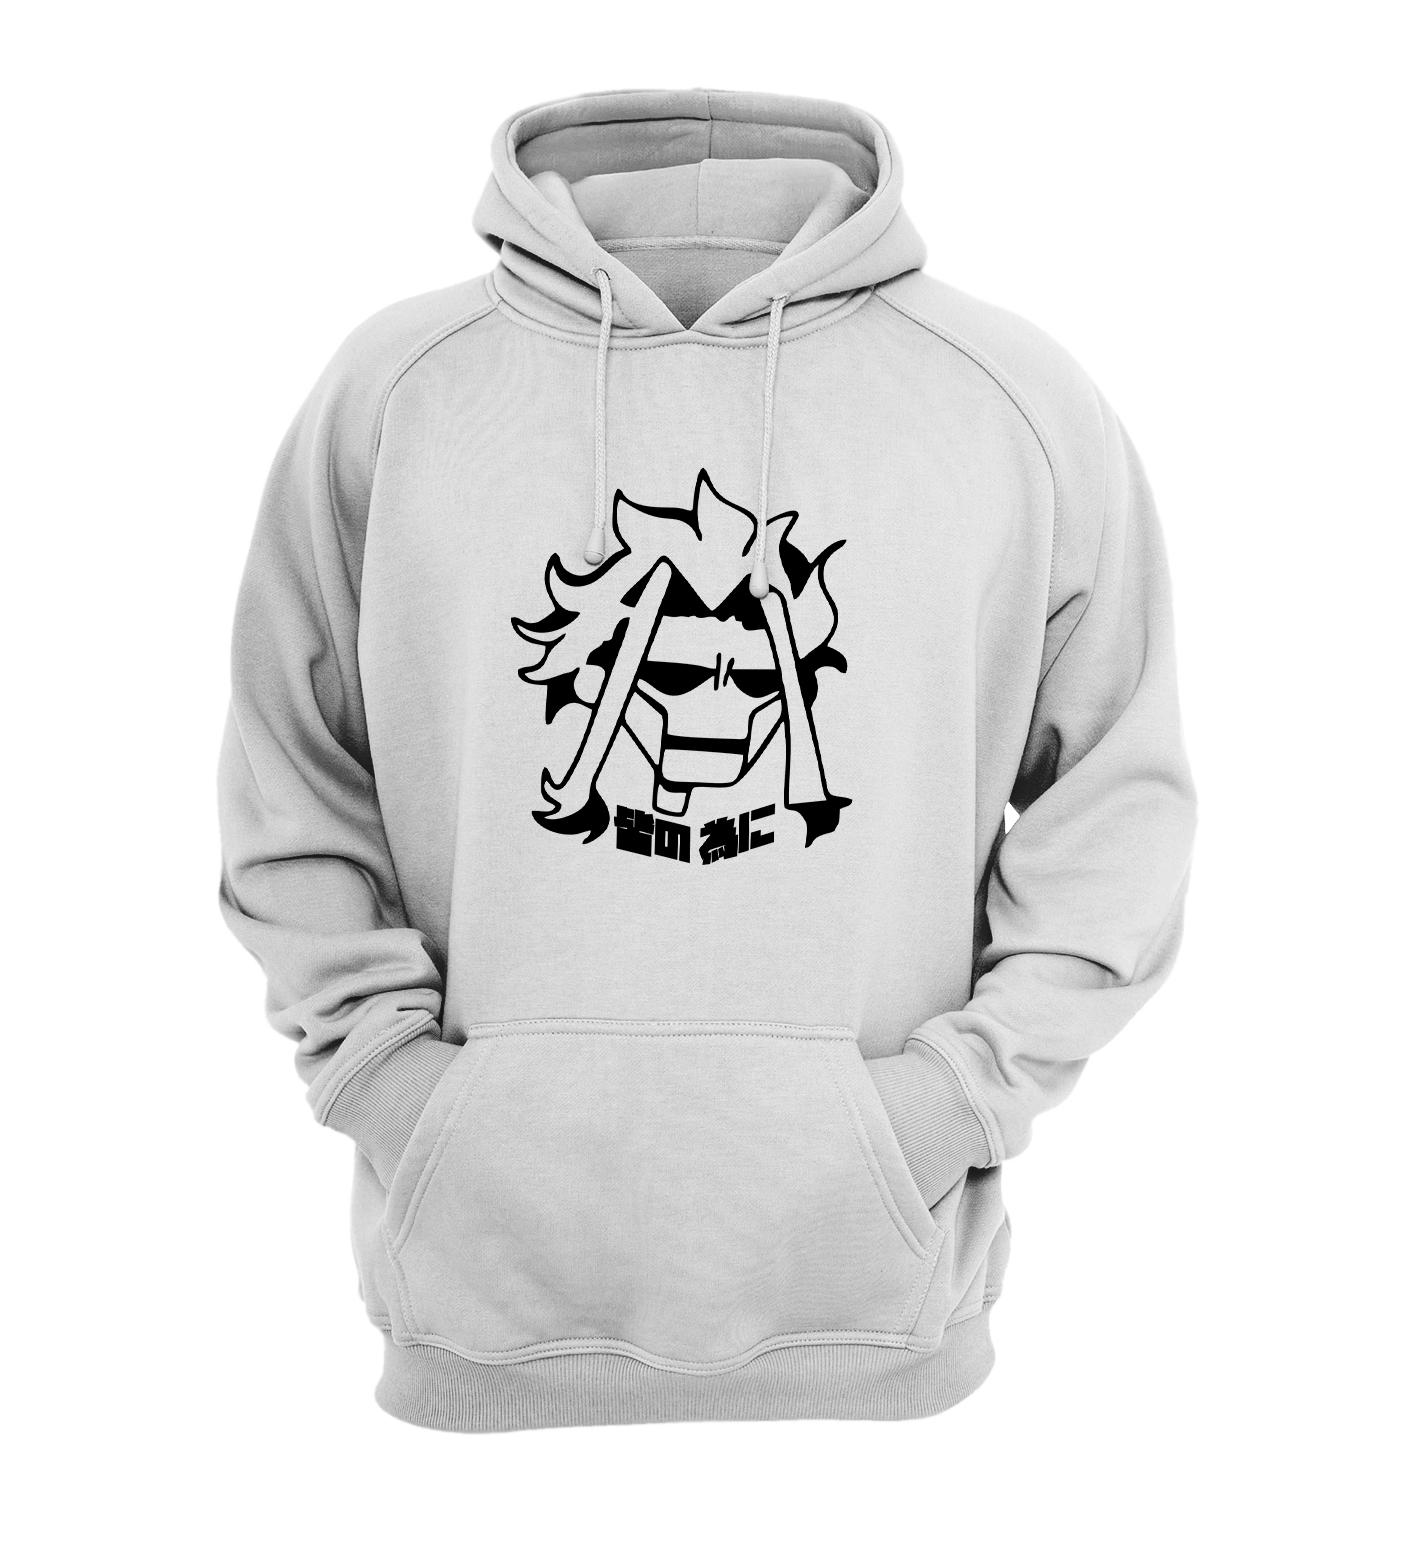 jaket pria sweater hoodie jumper boku no hero all might ii  jaket kekinian jaket suiter wanita – jaket anime oem kuhaku